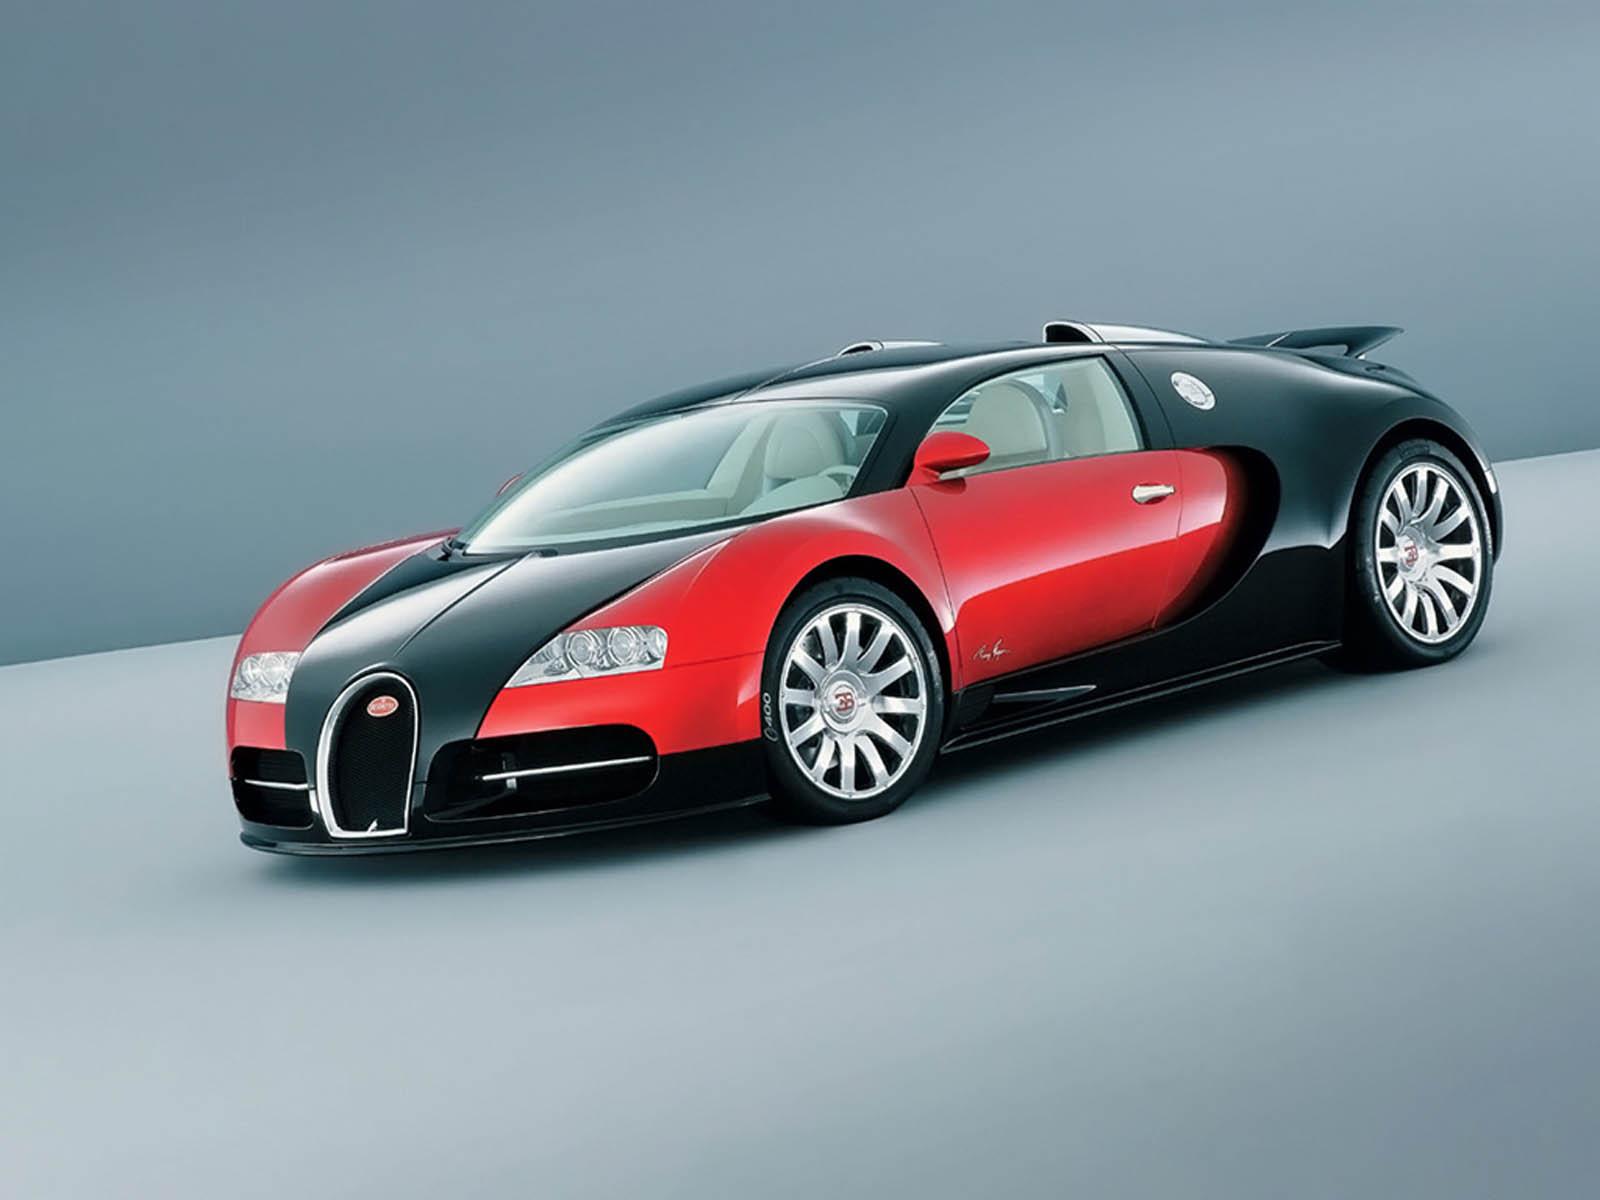 bugatti veyron car wallpapers bugatti veyron car desktop wallpapers 1600x1200